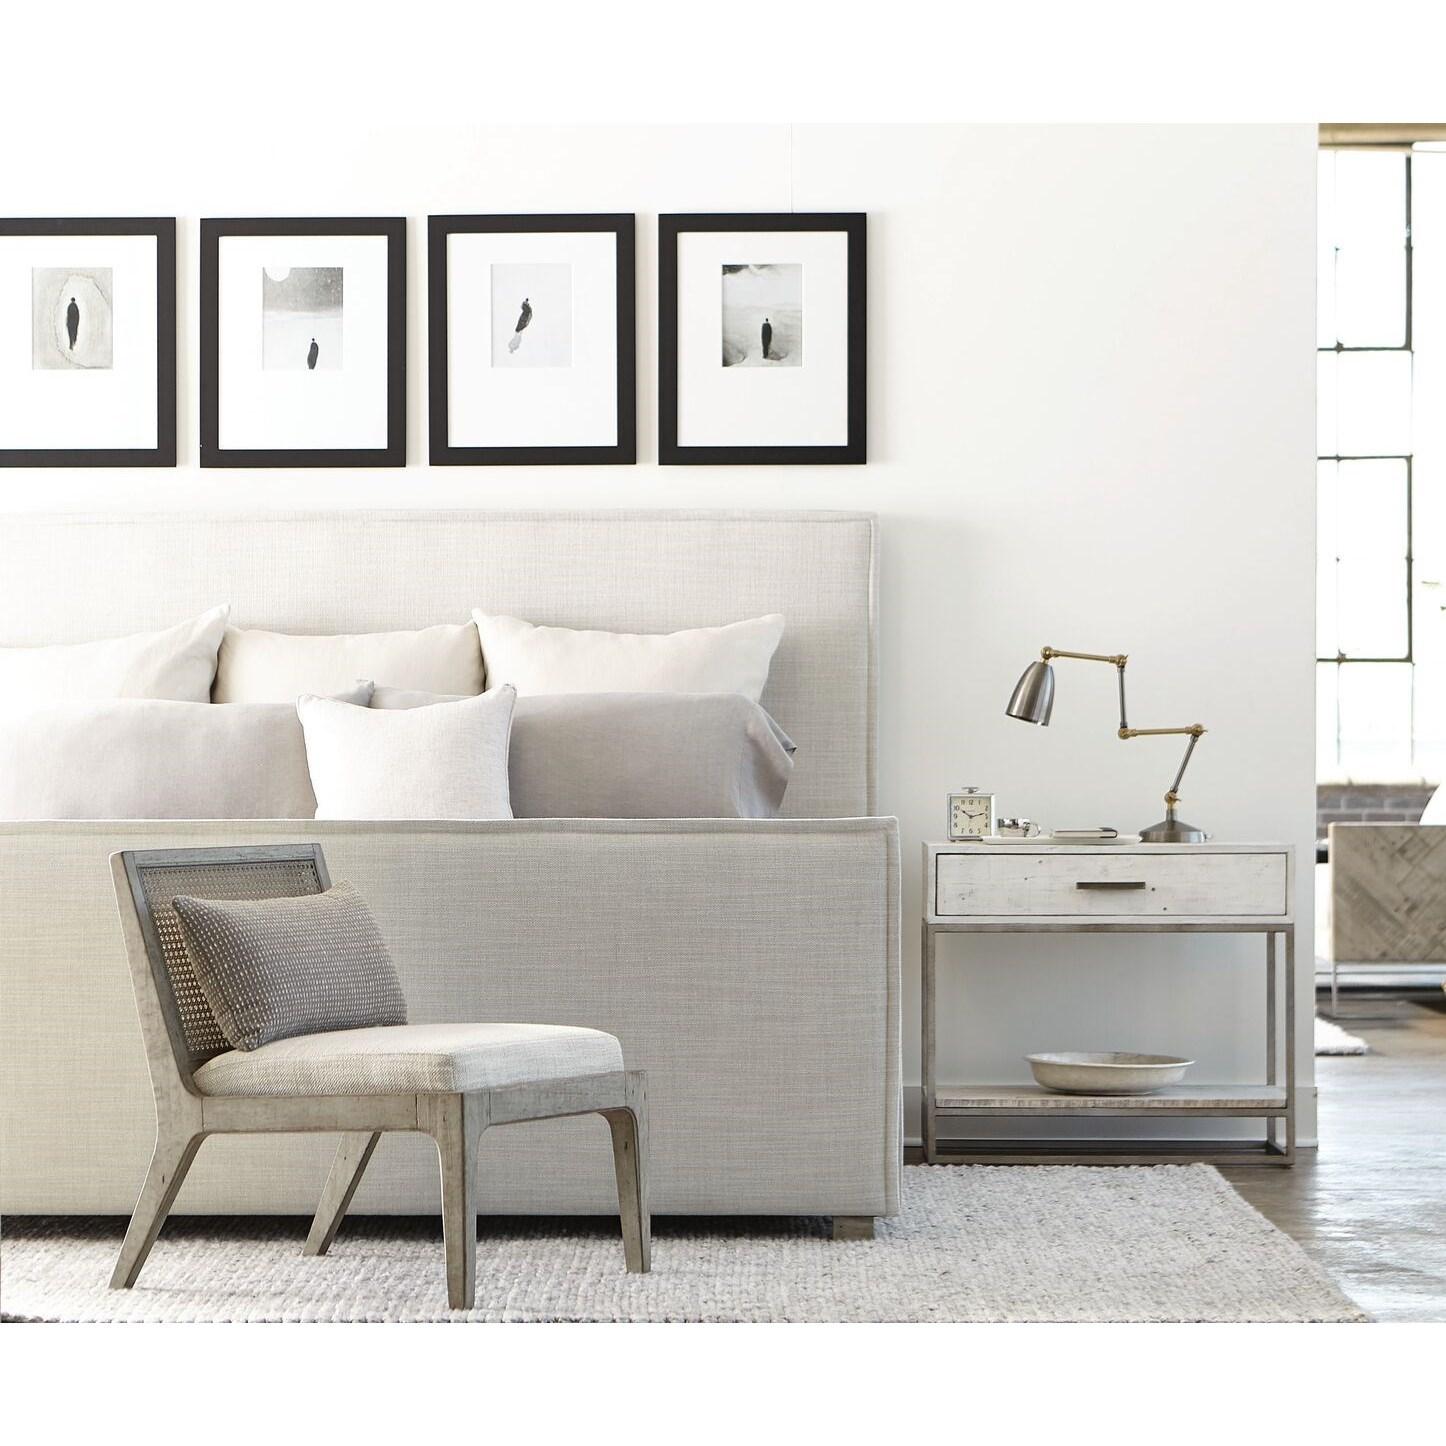 Loft - Highland Park Bedroom Group by Bernhardt at Baer's Furniture